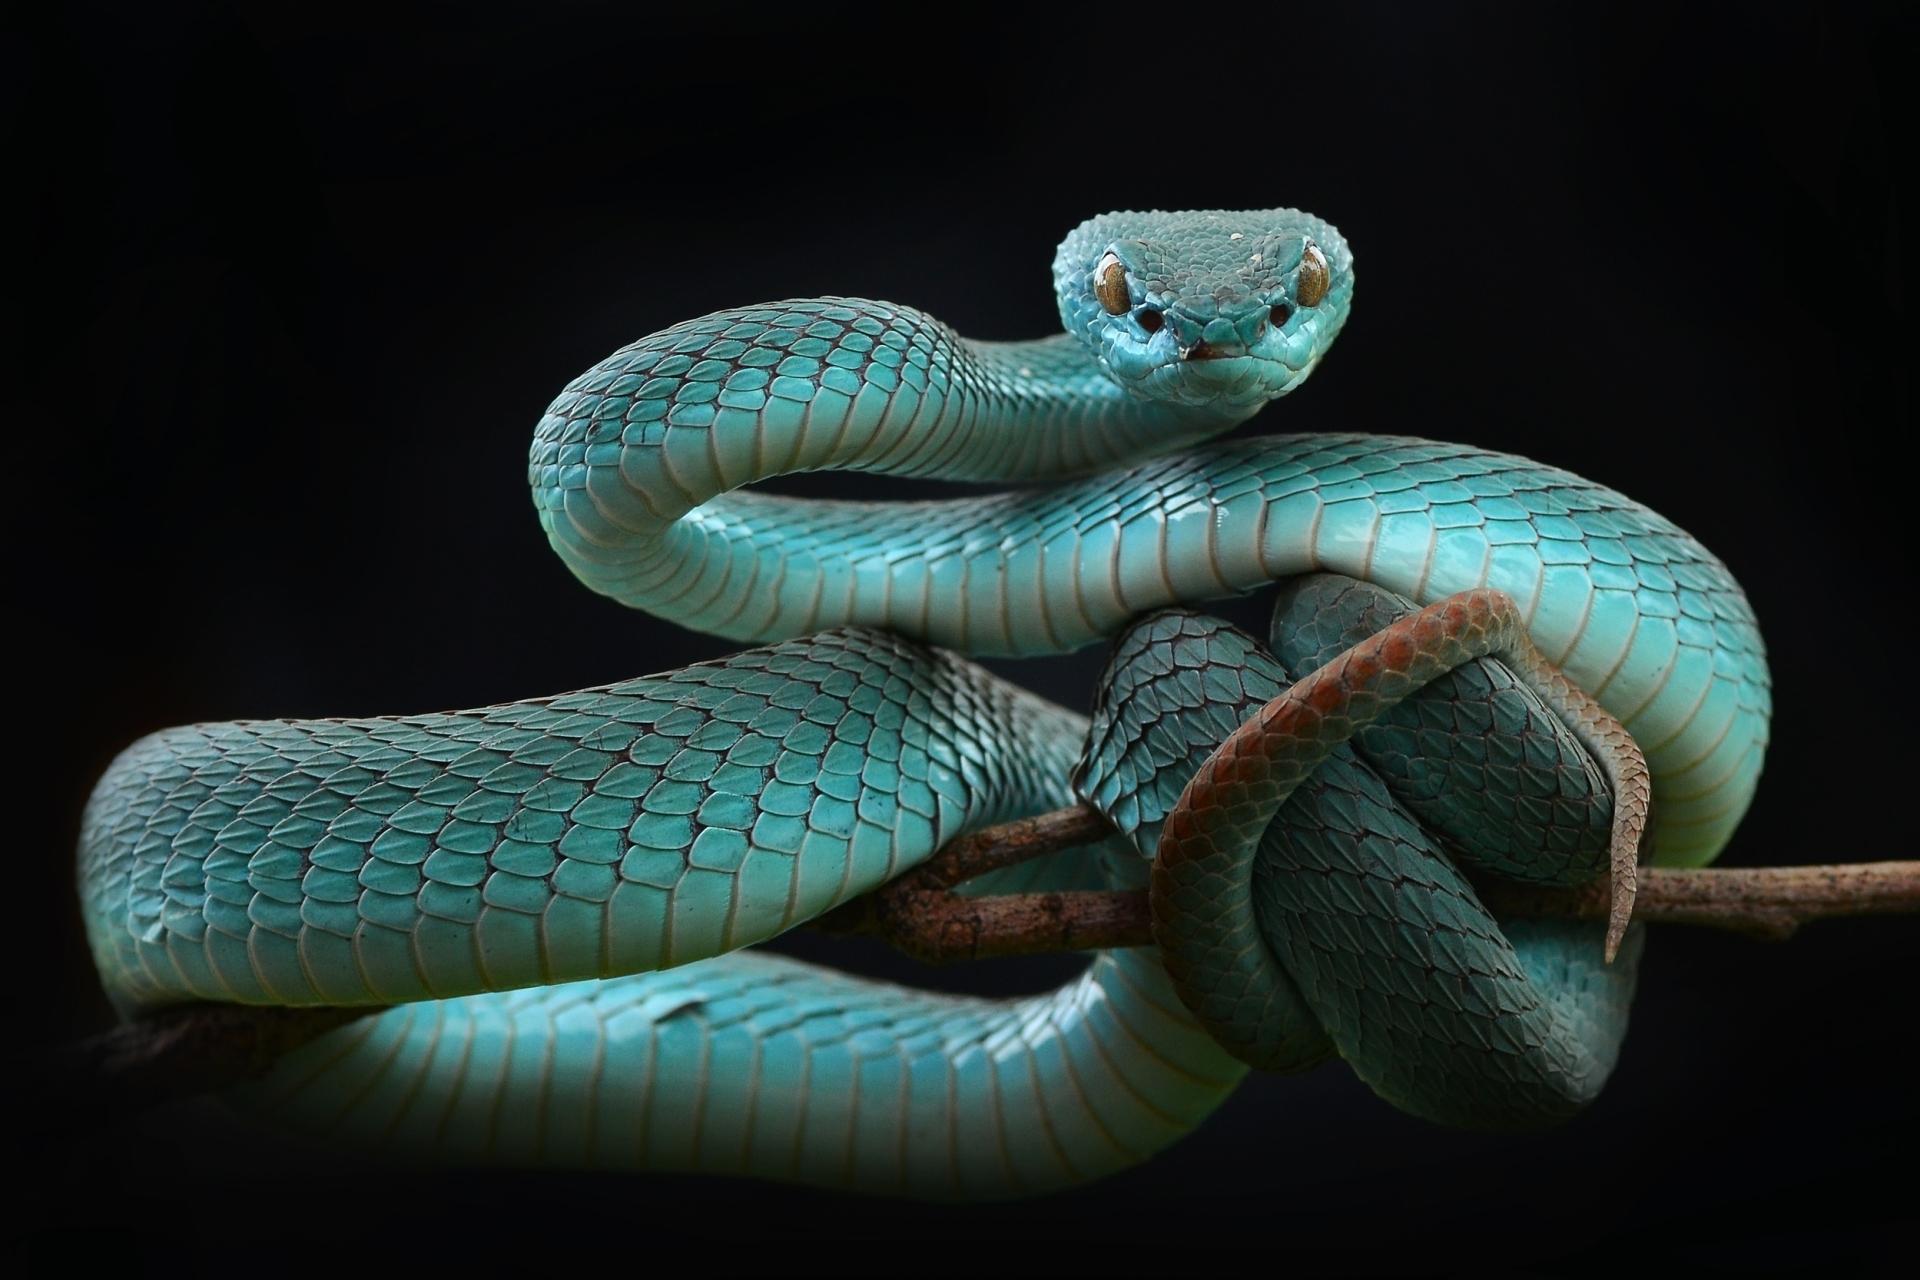 Im 225 Genes Y Fondos De Pantalla De Serpientes Wallpapers Hd